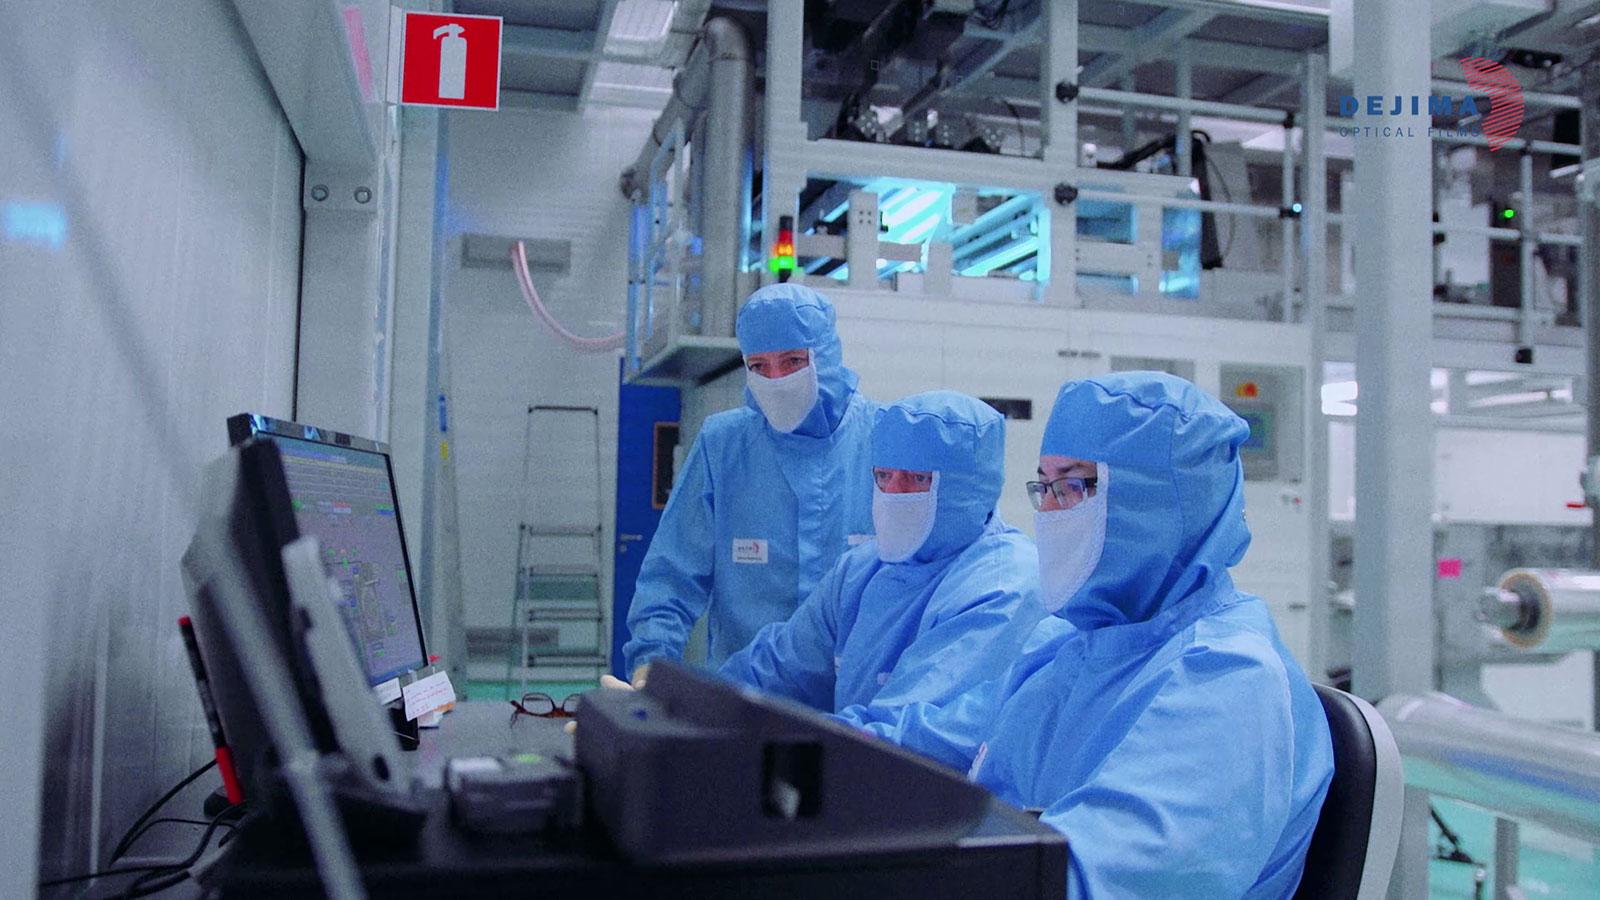 Bedrijfsfilm Breda medische films voor in de zorg ziekenhuis-lab